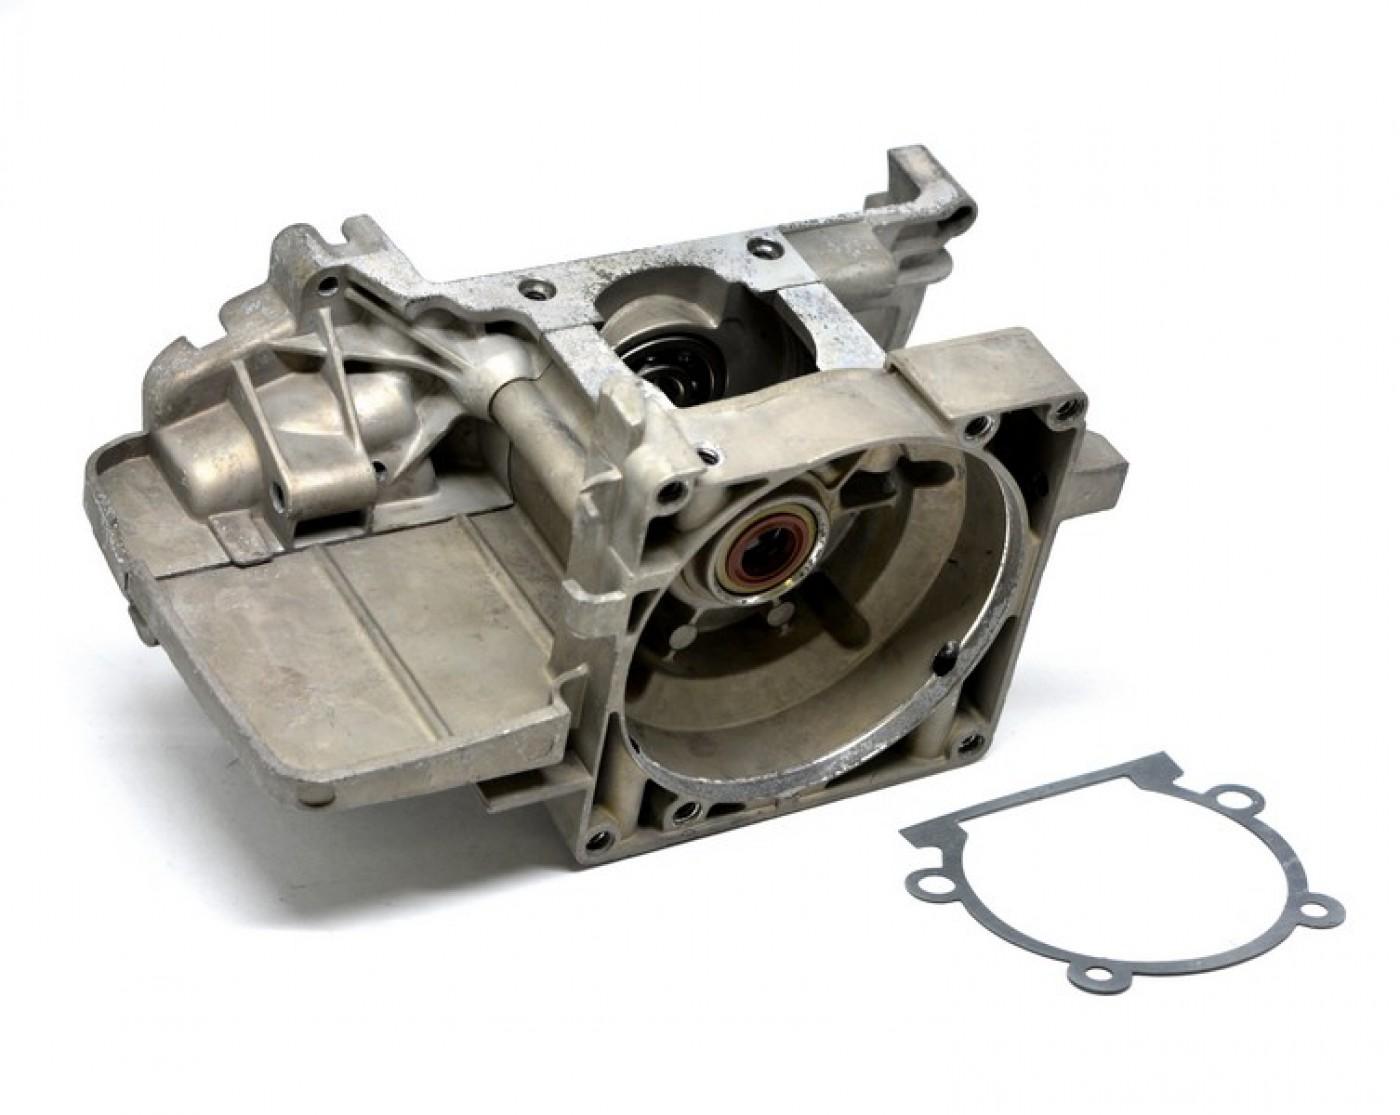 Kliková skříň Stihl FS120 FS200 FS250 FS300 FS350